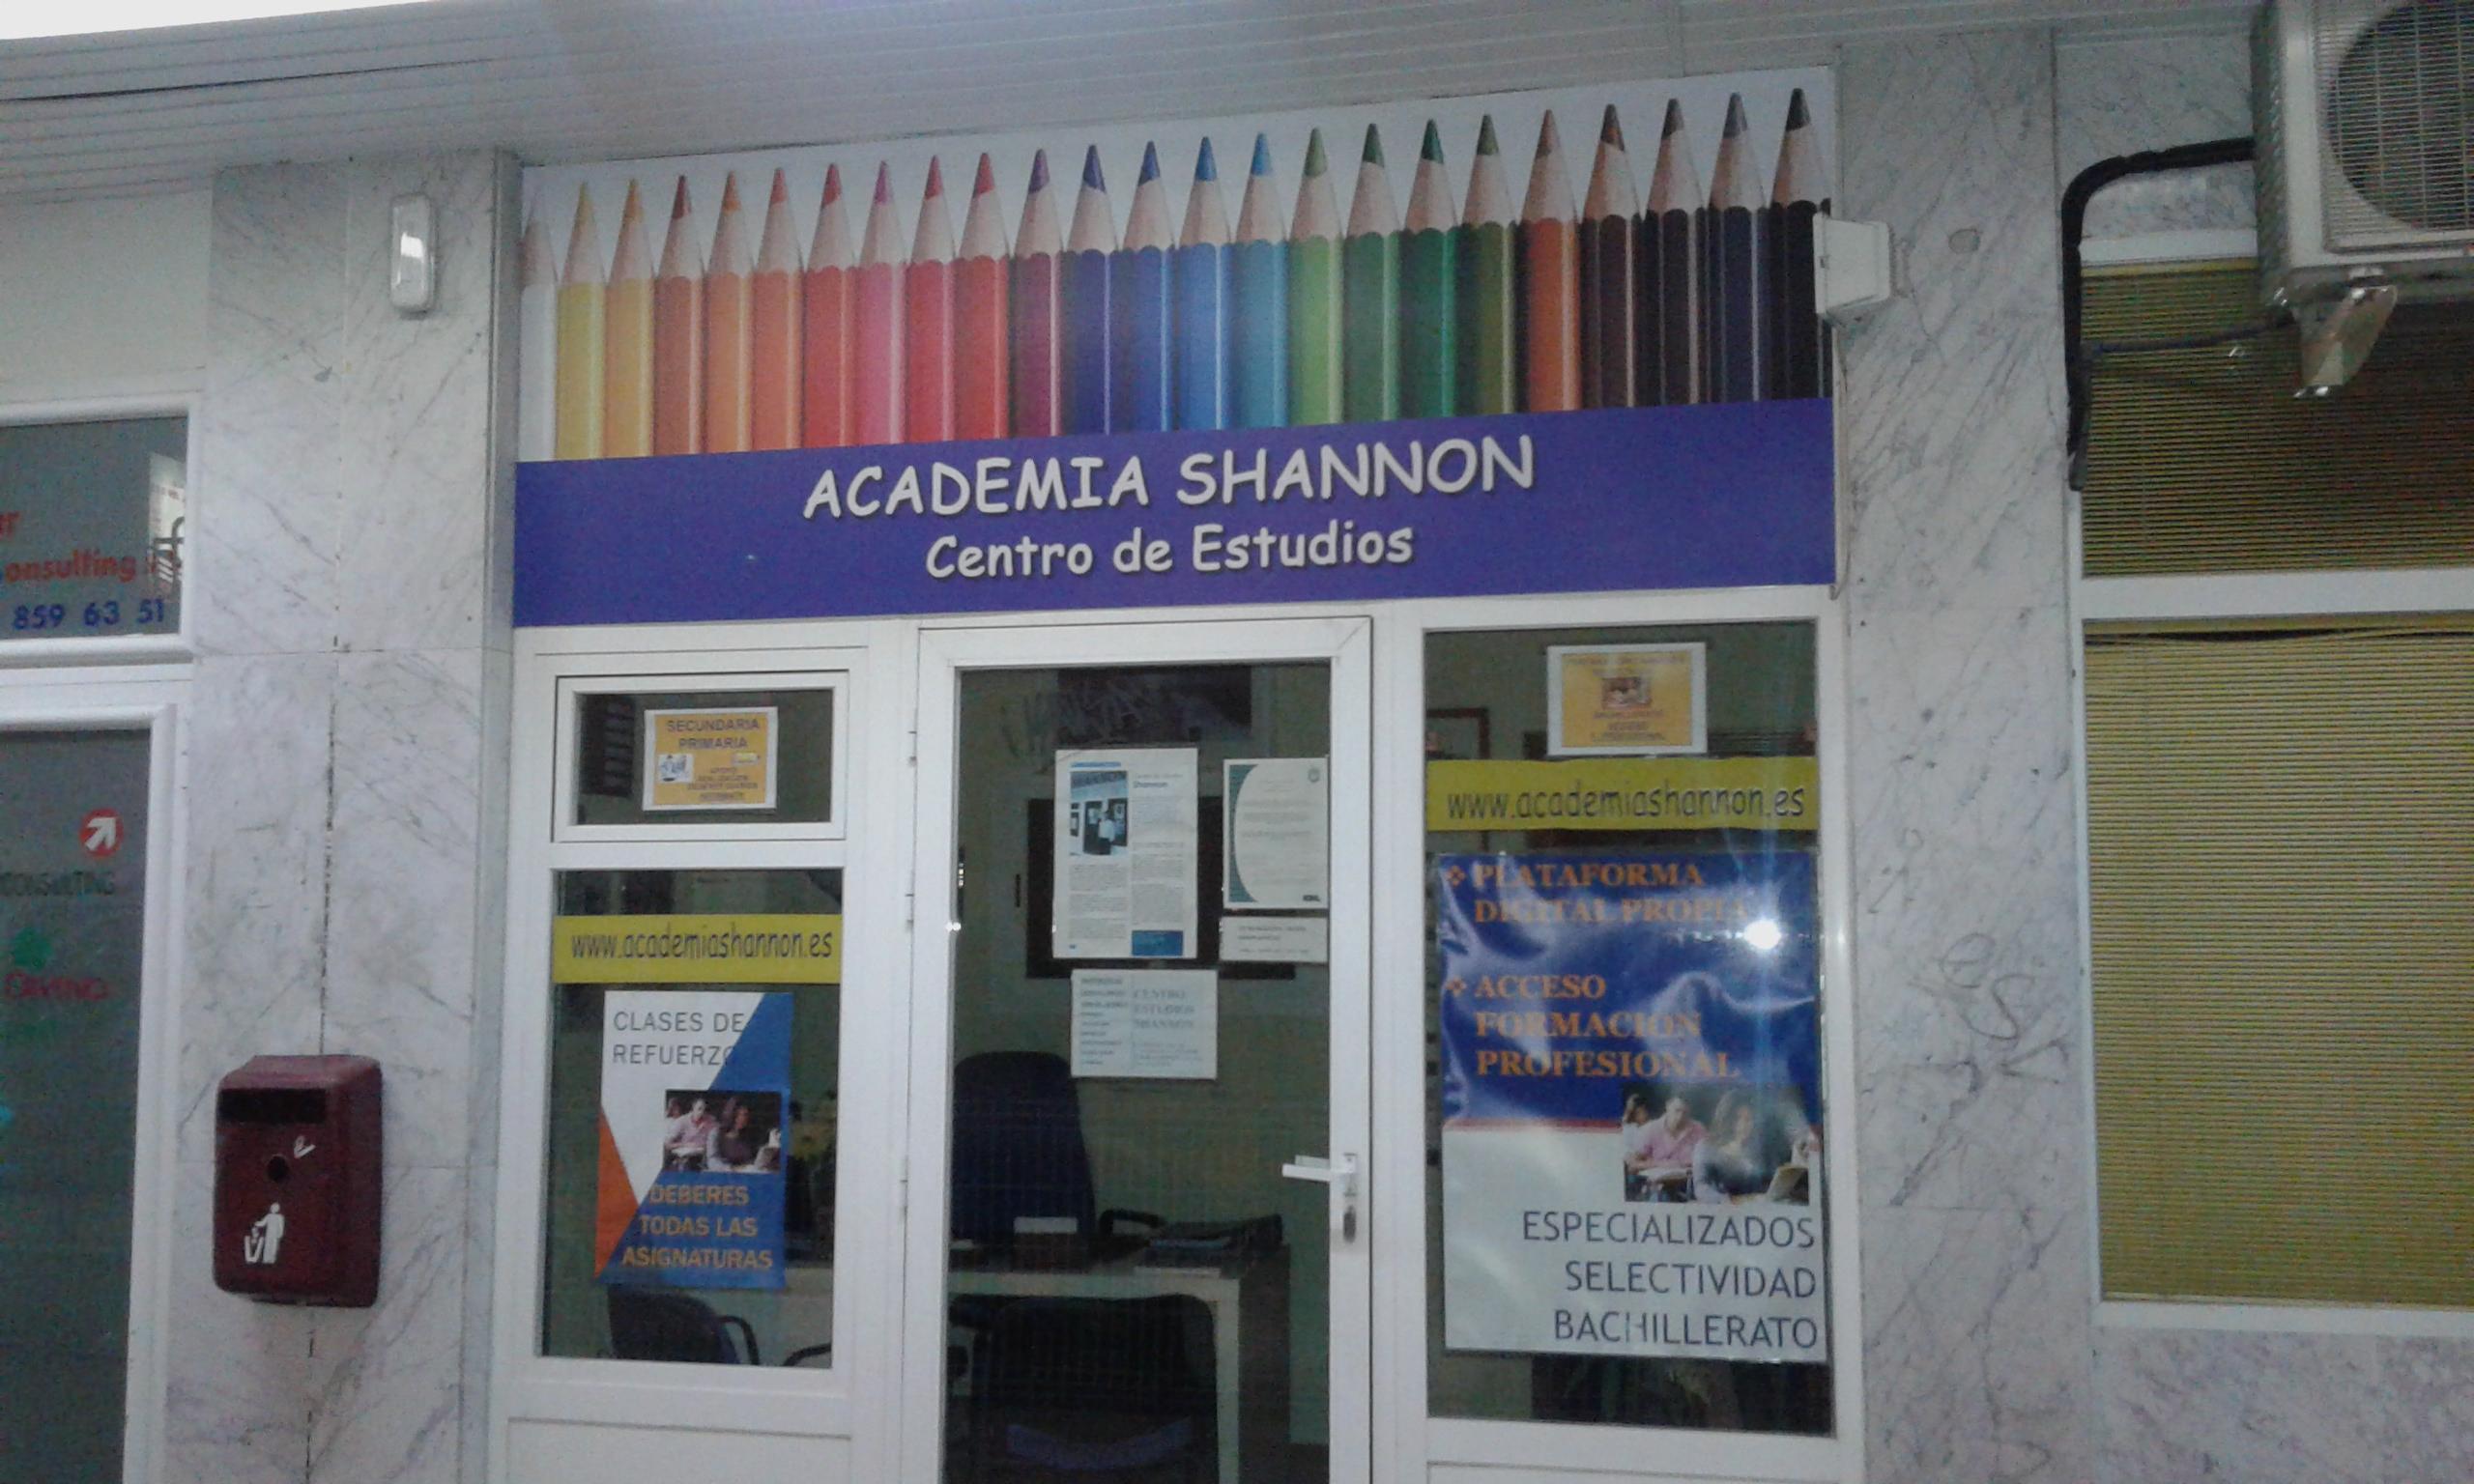 Academia Shannon